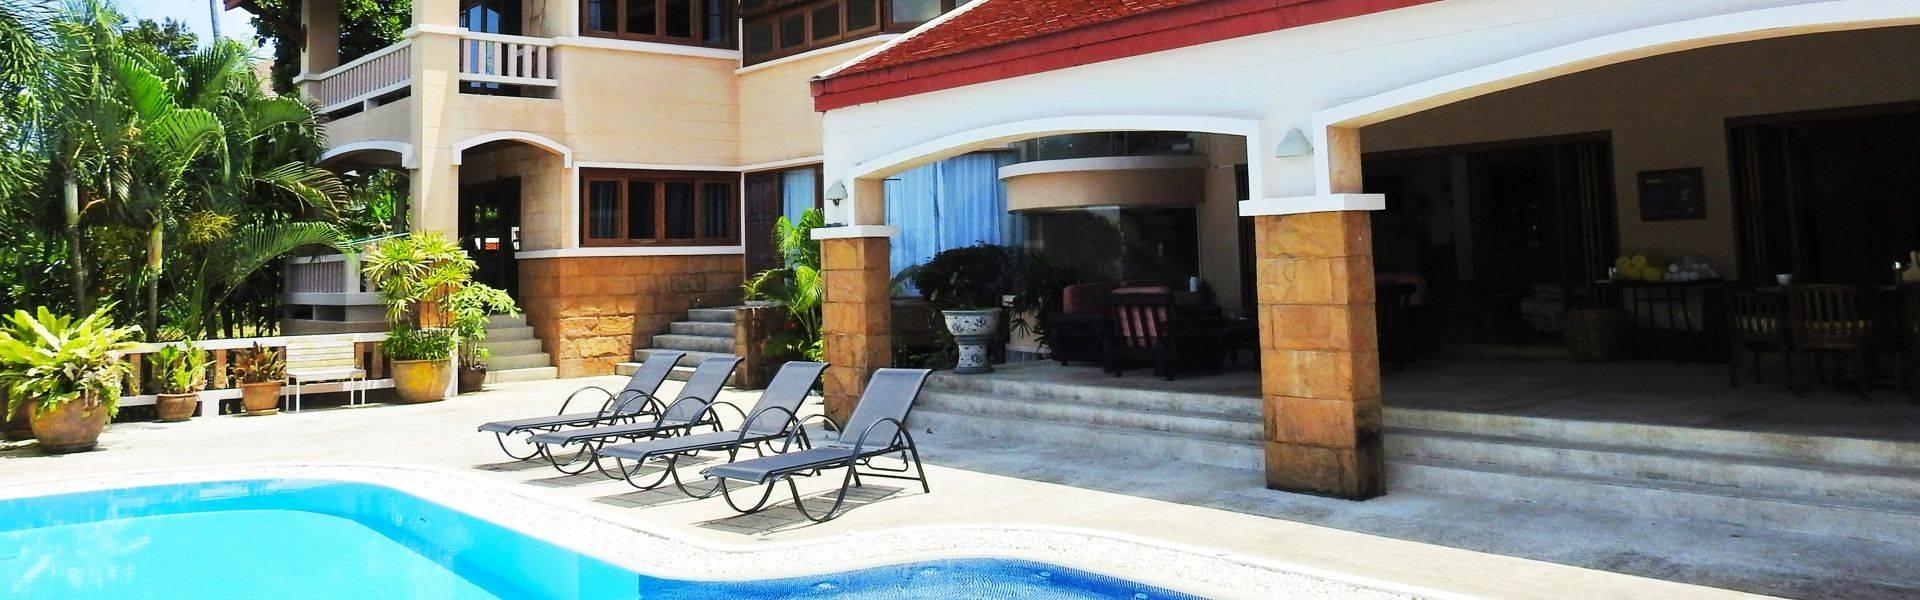 Training Paradise villapool dinning area.jpg